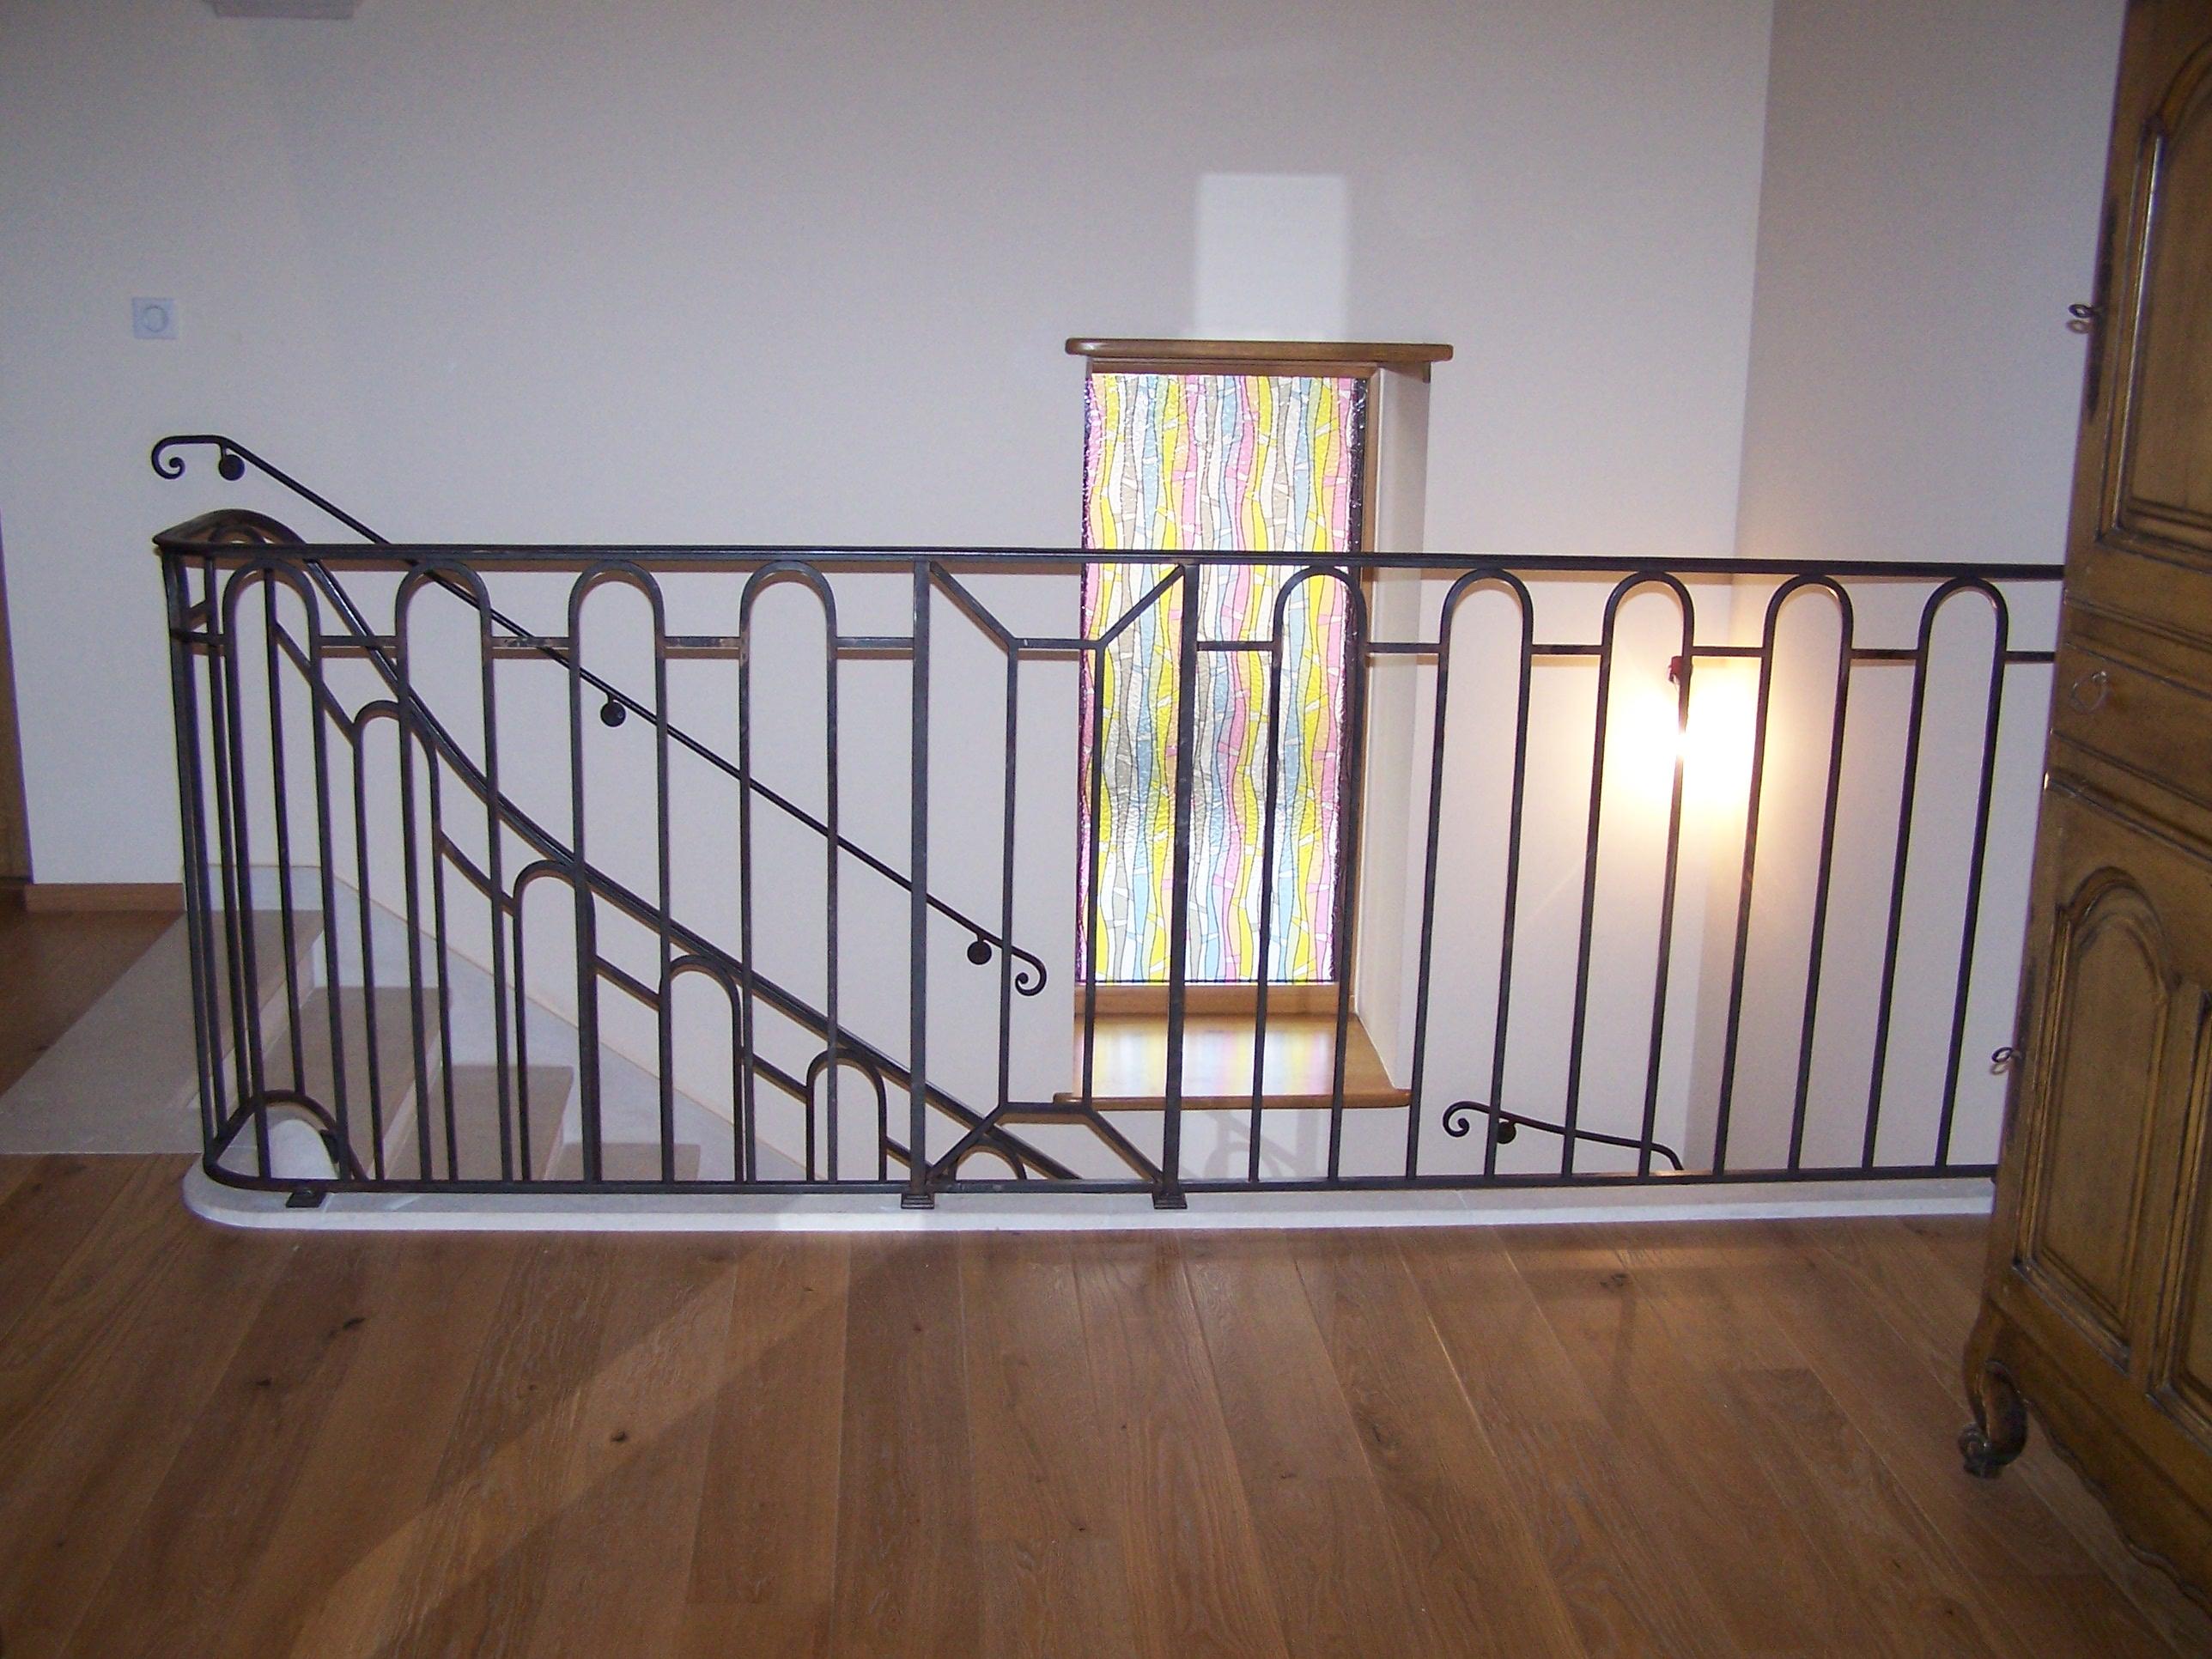 Arrivé sur la trémie de l'escalier